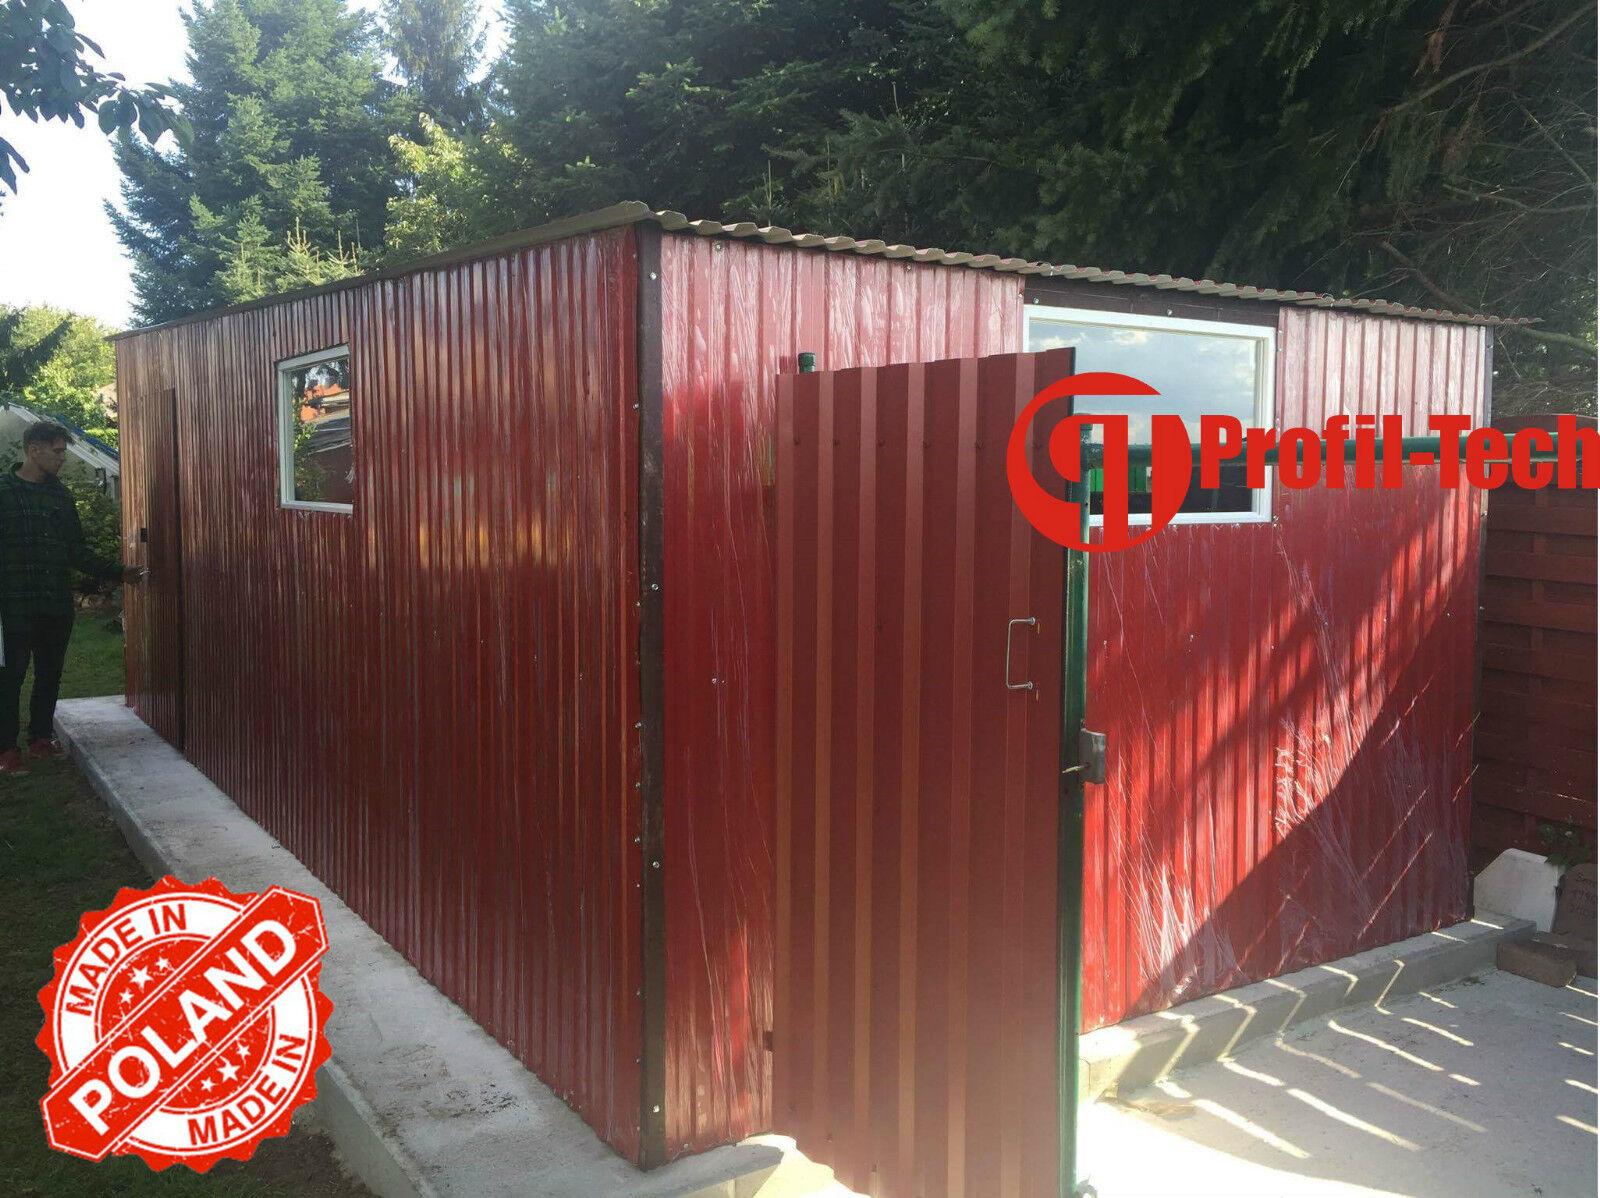 2,5x5,5 R3005 Blechgarage Fertiggarage Metallgarage RAUM KFZ REIFEN LAGER GARAGE